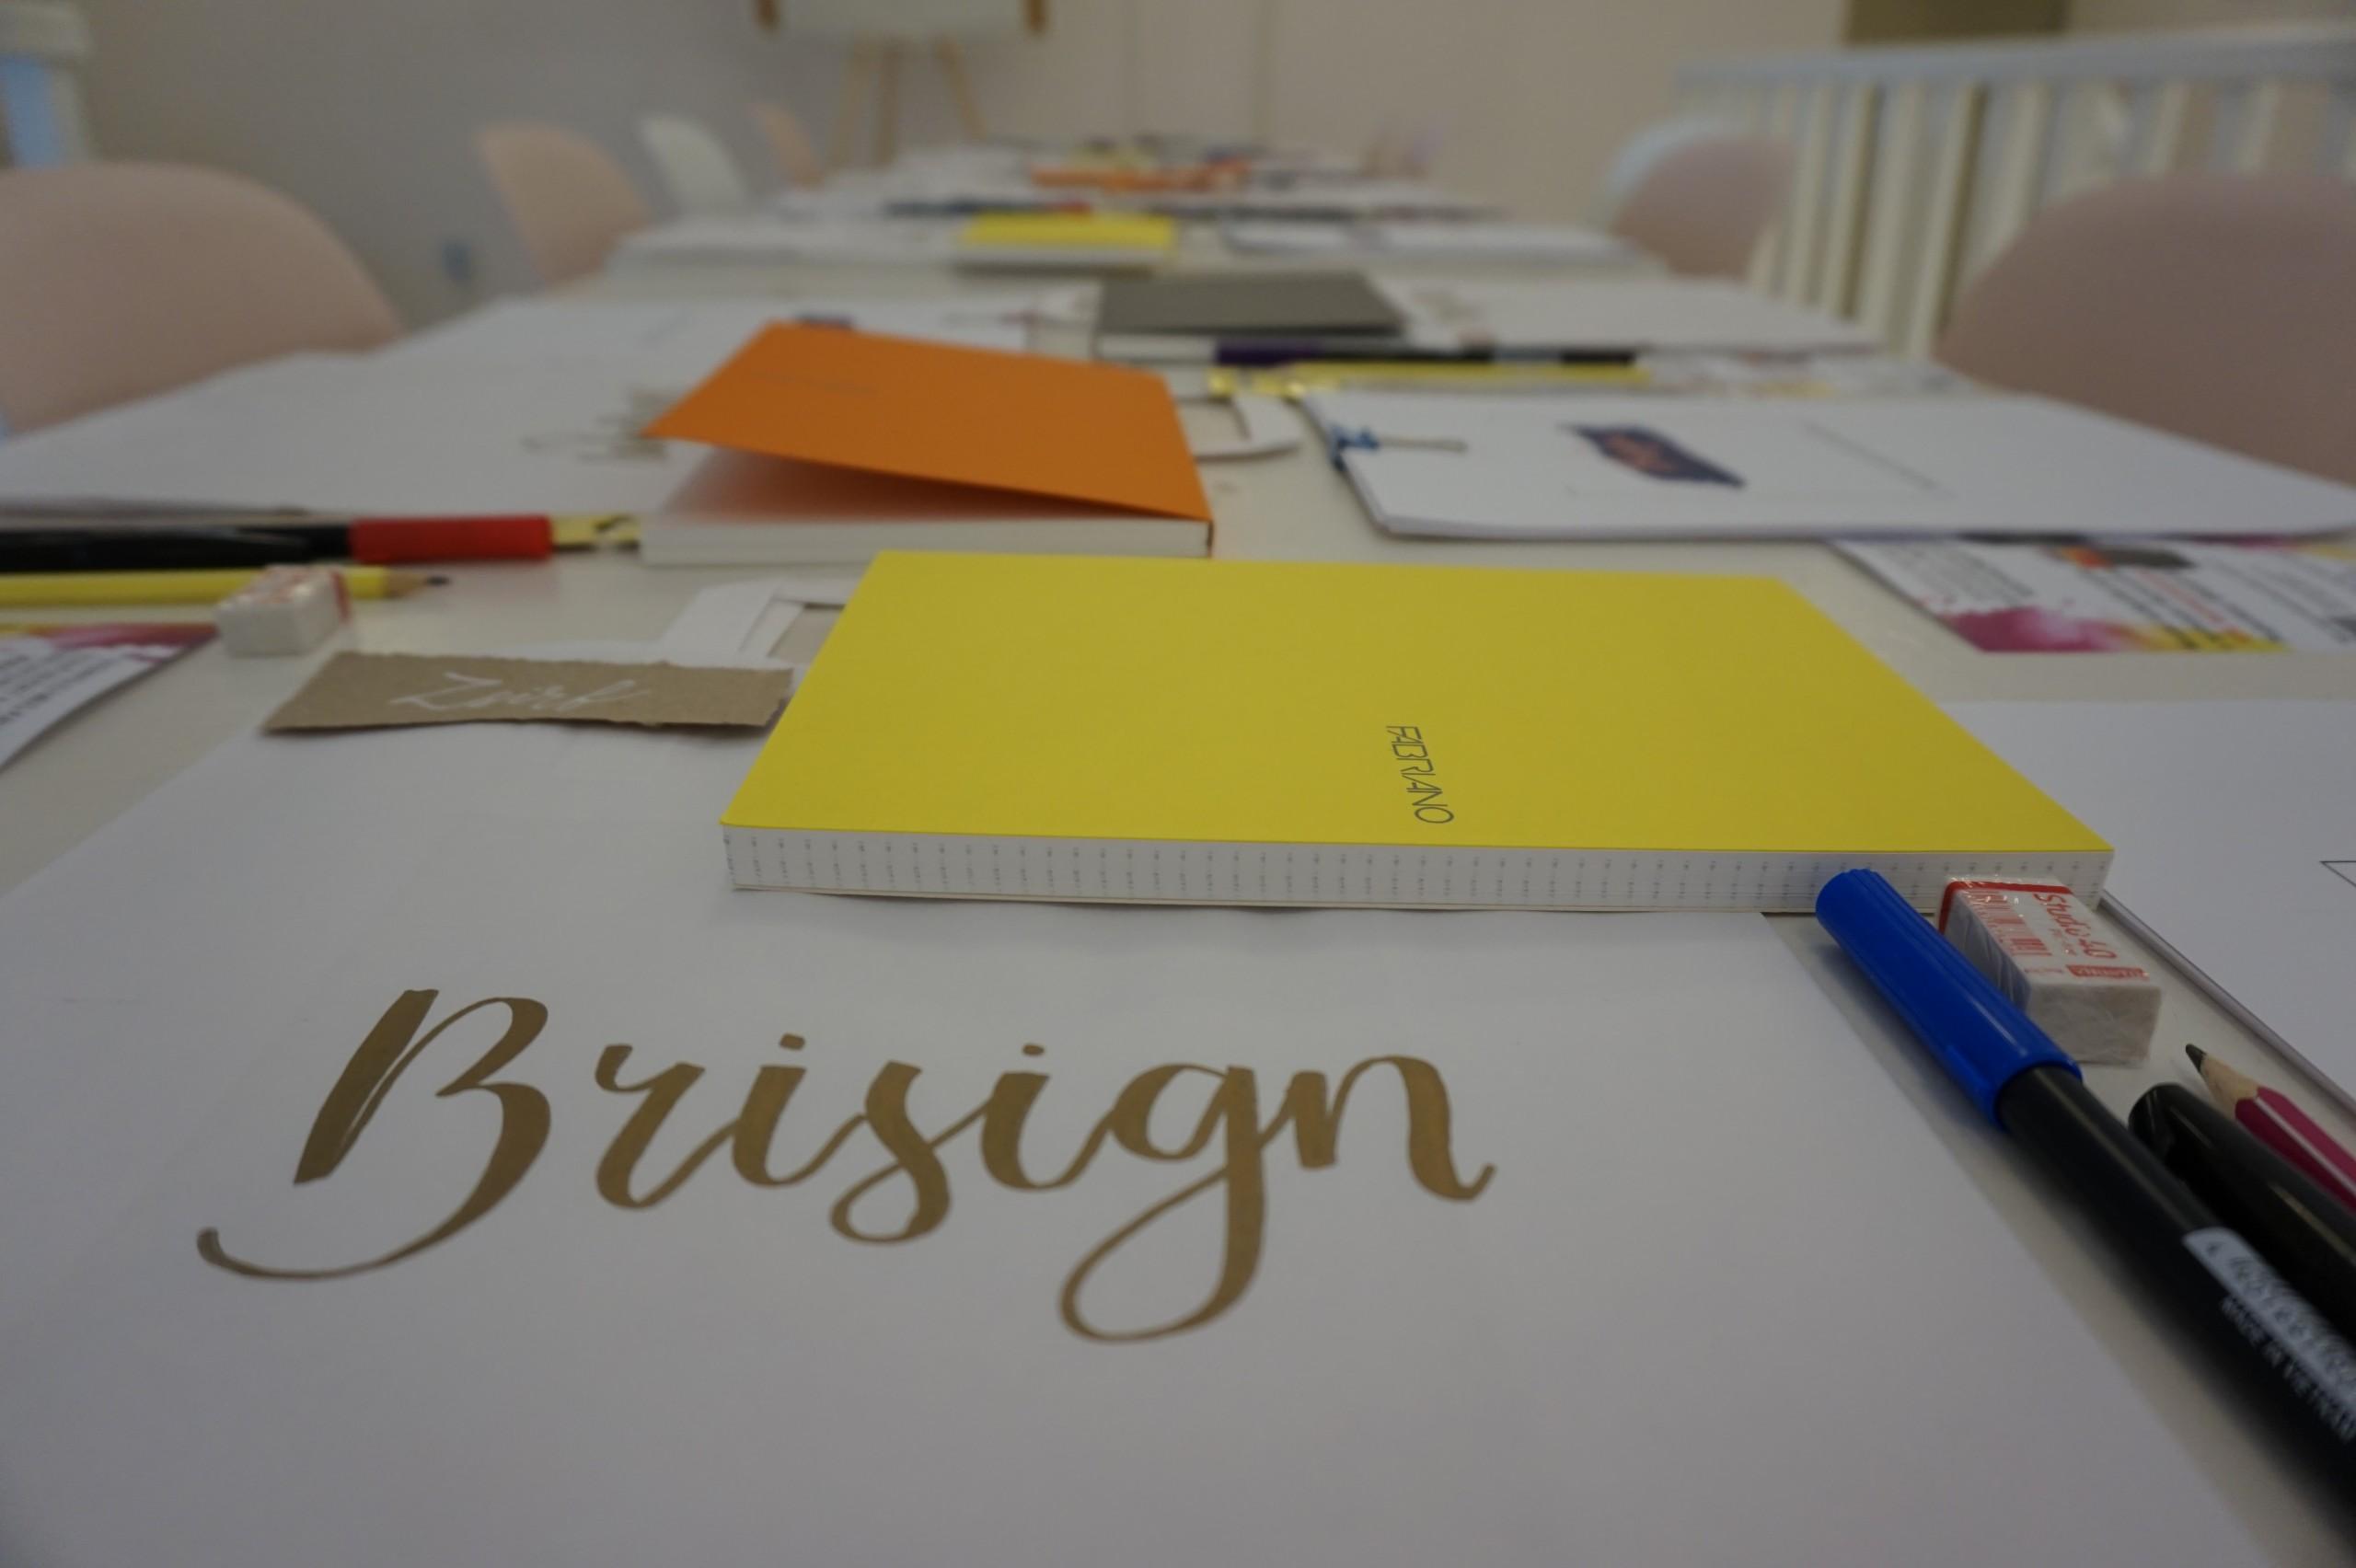 ecsetfilces kalligráfia online workshop jelentkezés